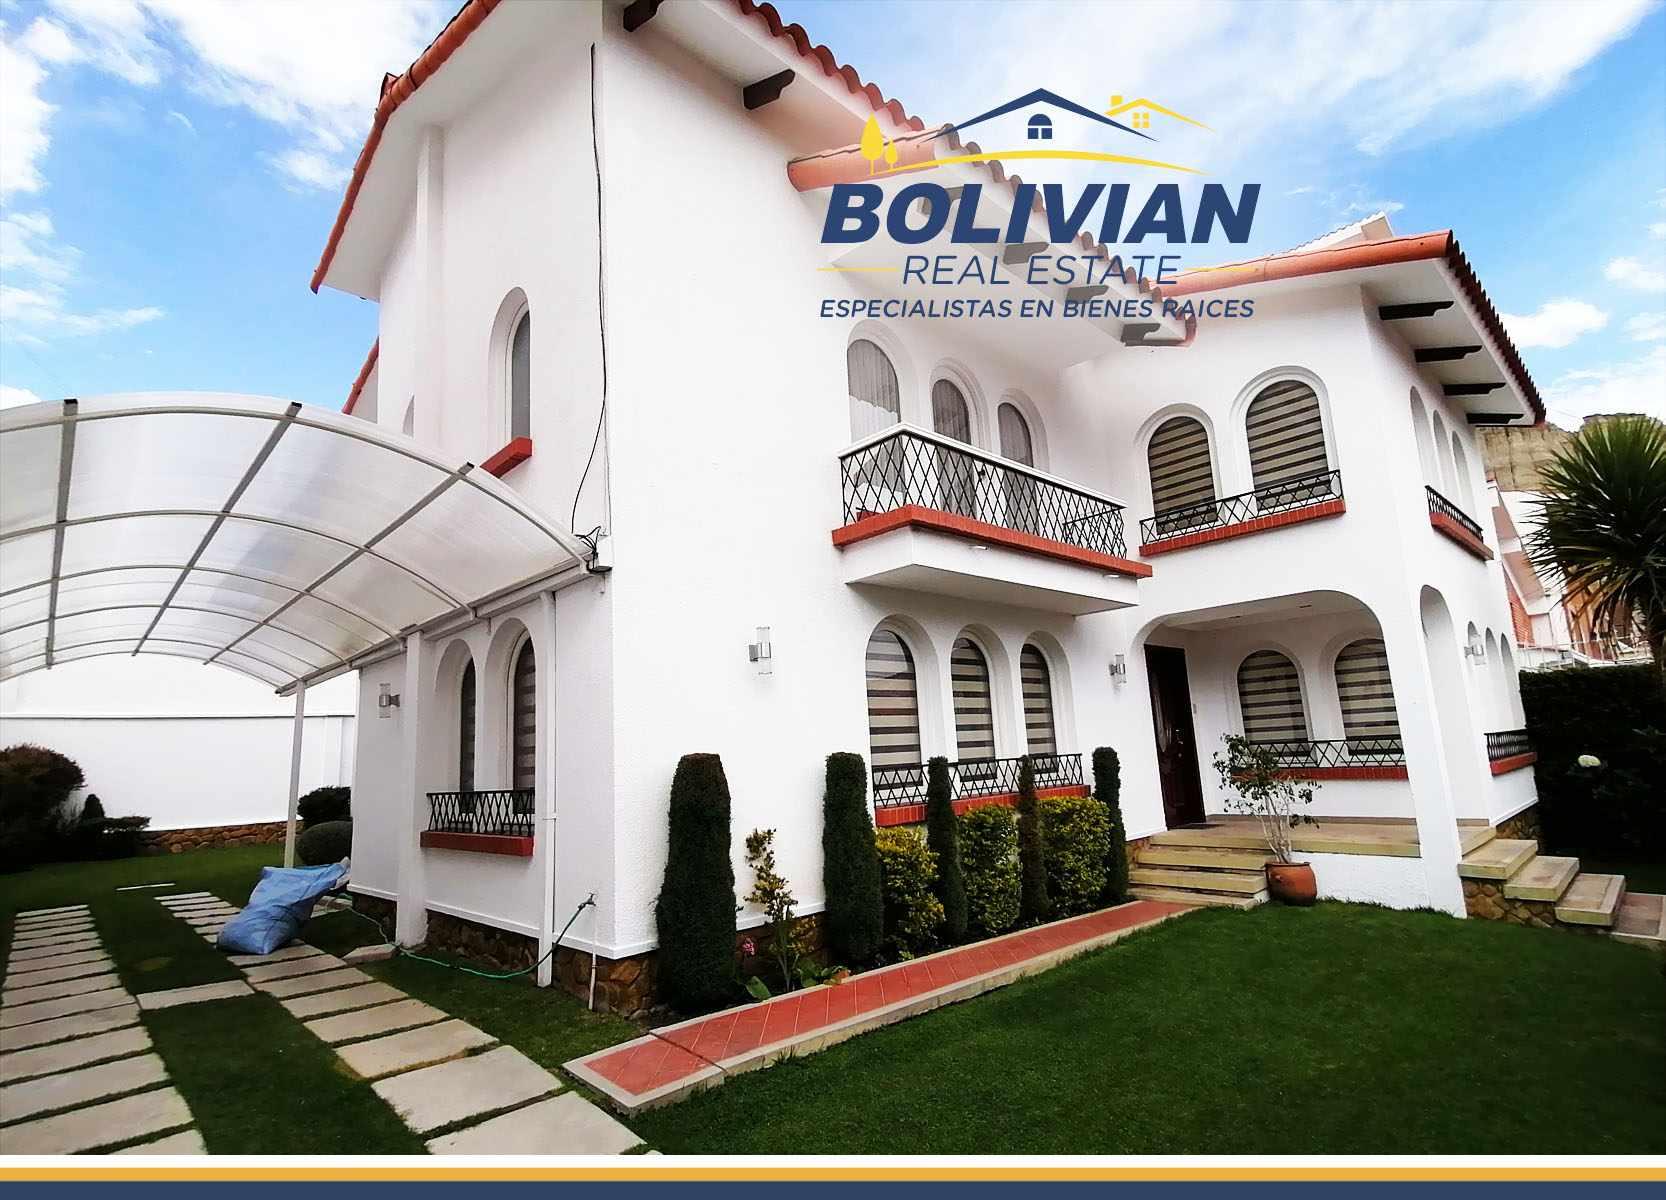 Casa en Alquiler ACHUMANI  BAJO  PRECIOSA CASA EN ALQUILER  Foto 1